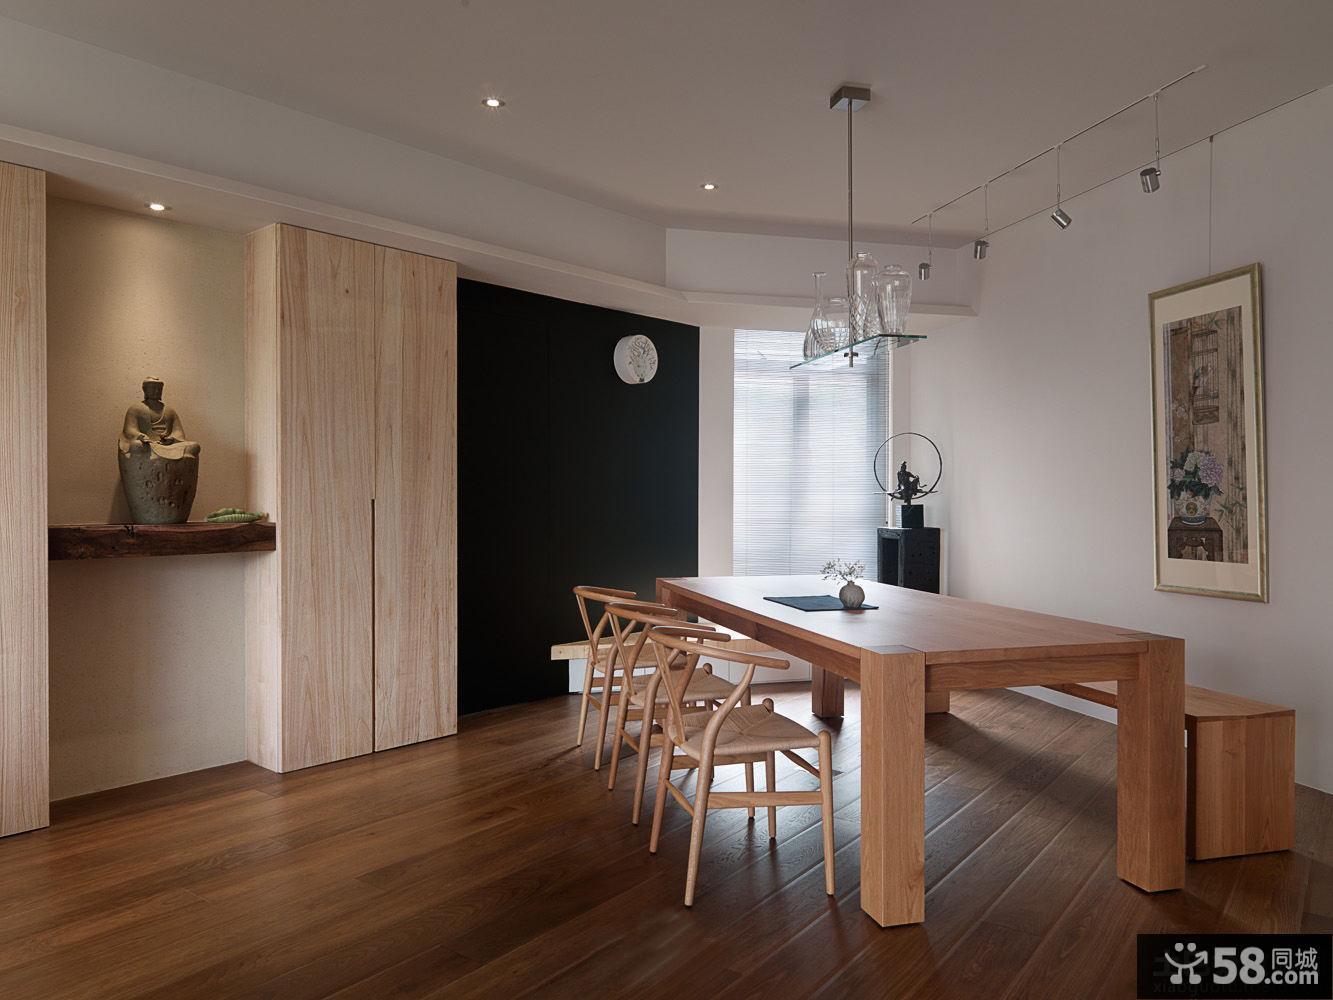 简约风格实木装修餐厅图片欣赏